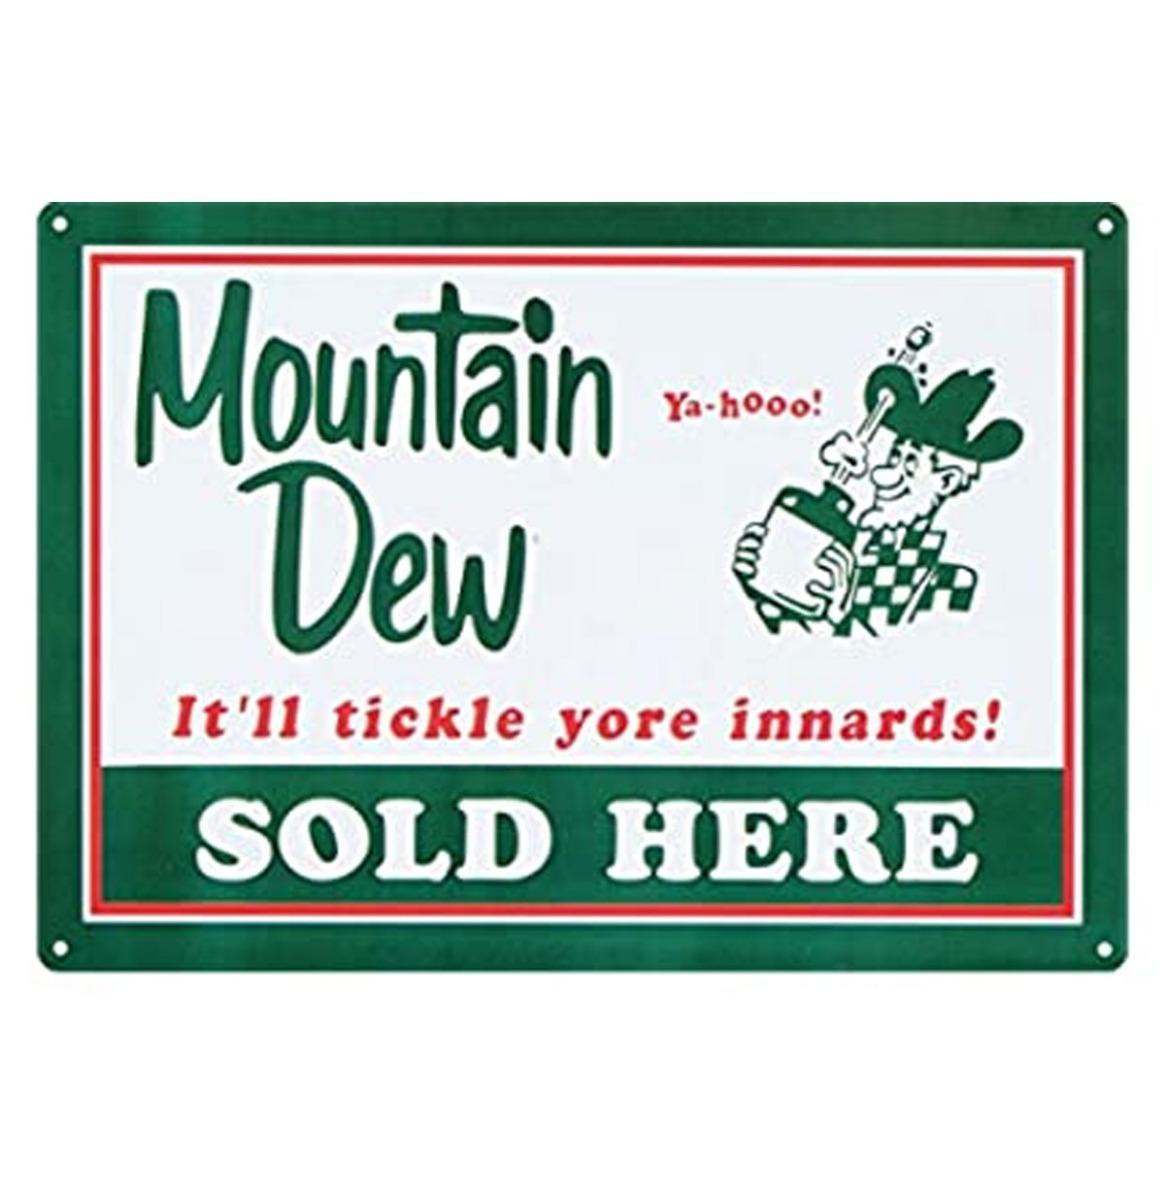 Mountain Dew Sold Here Metalen Bord Met Reliëf - 43 x 31 cm